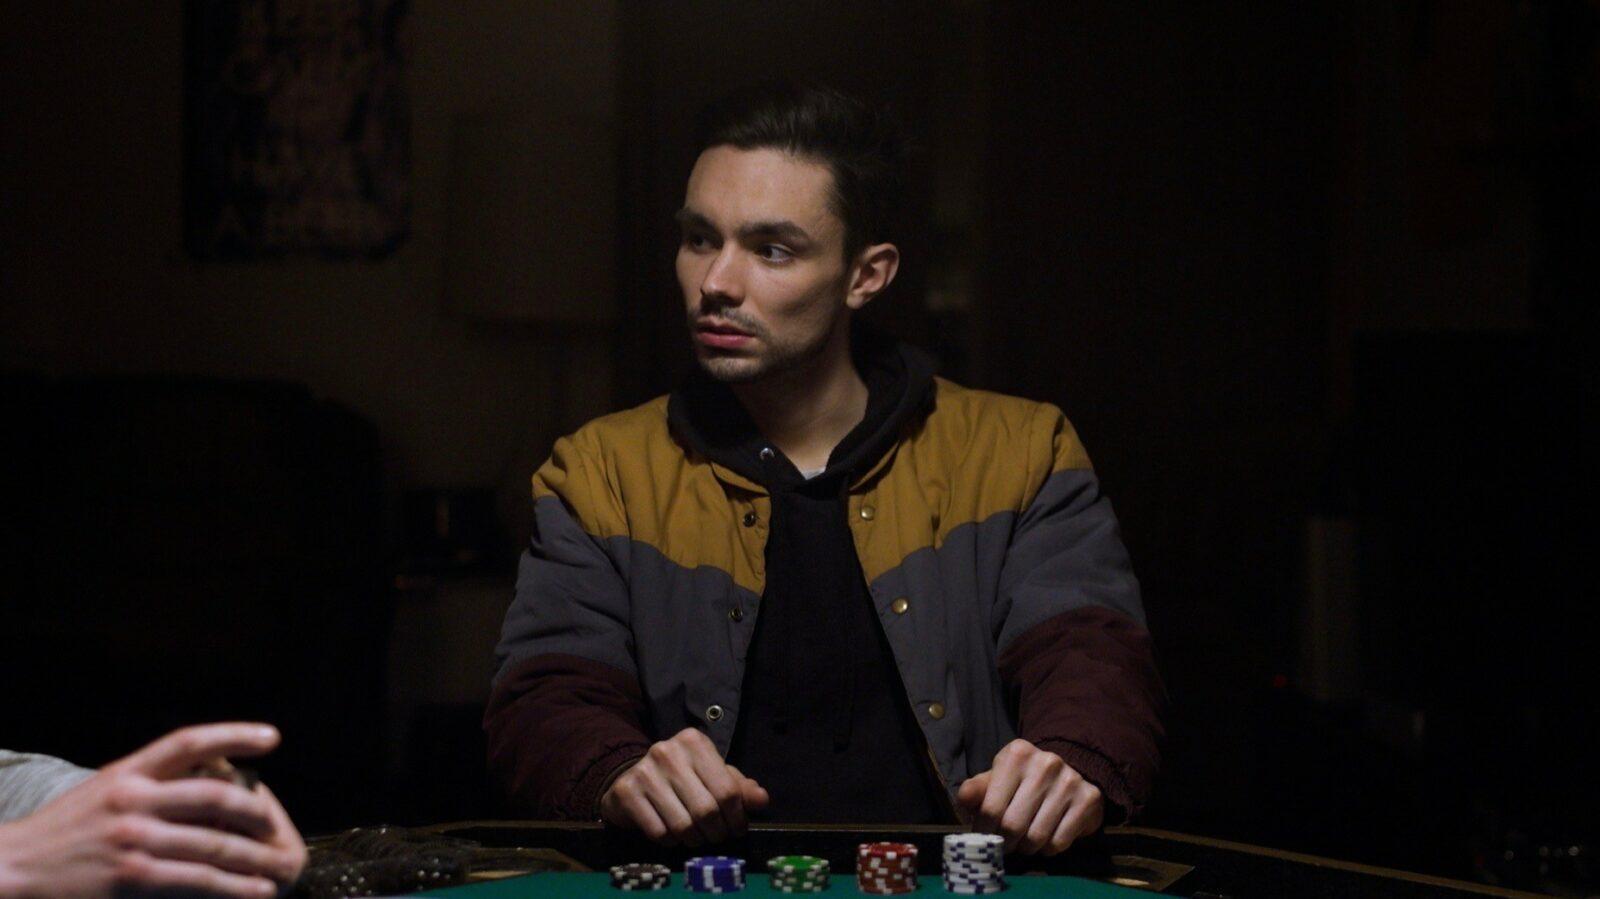 A man playing poker.